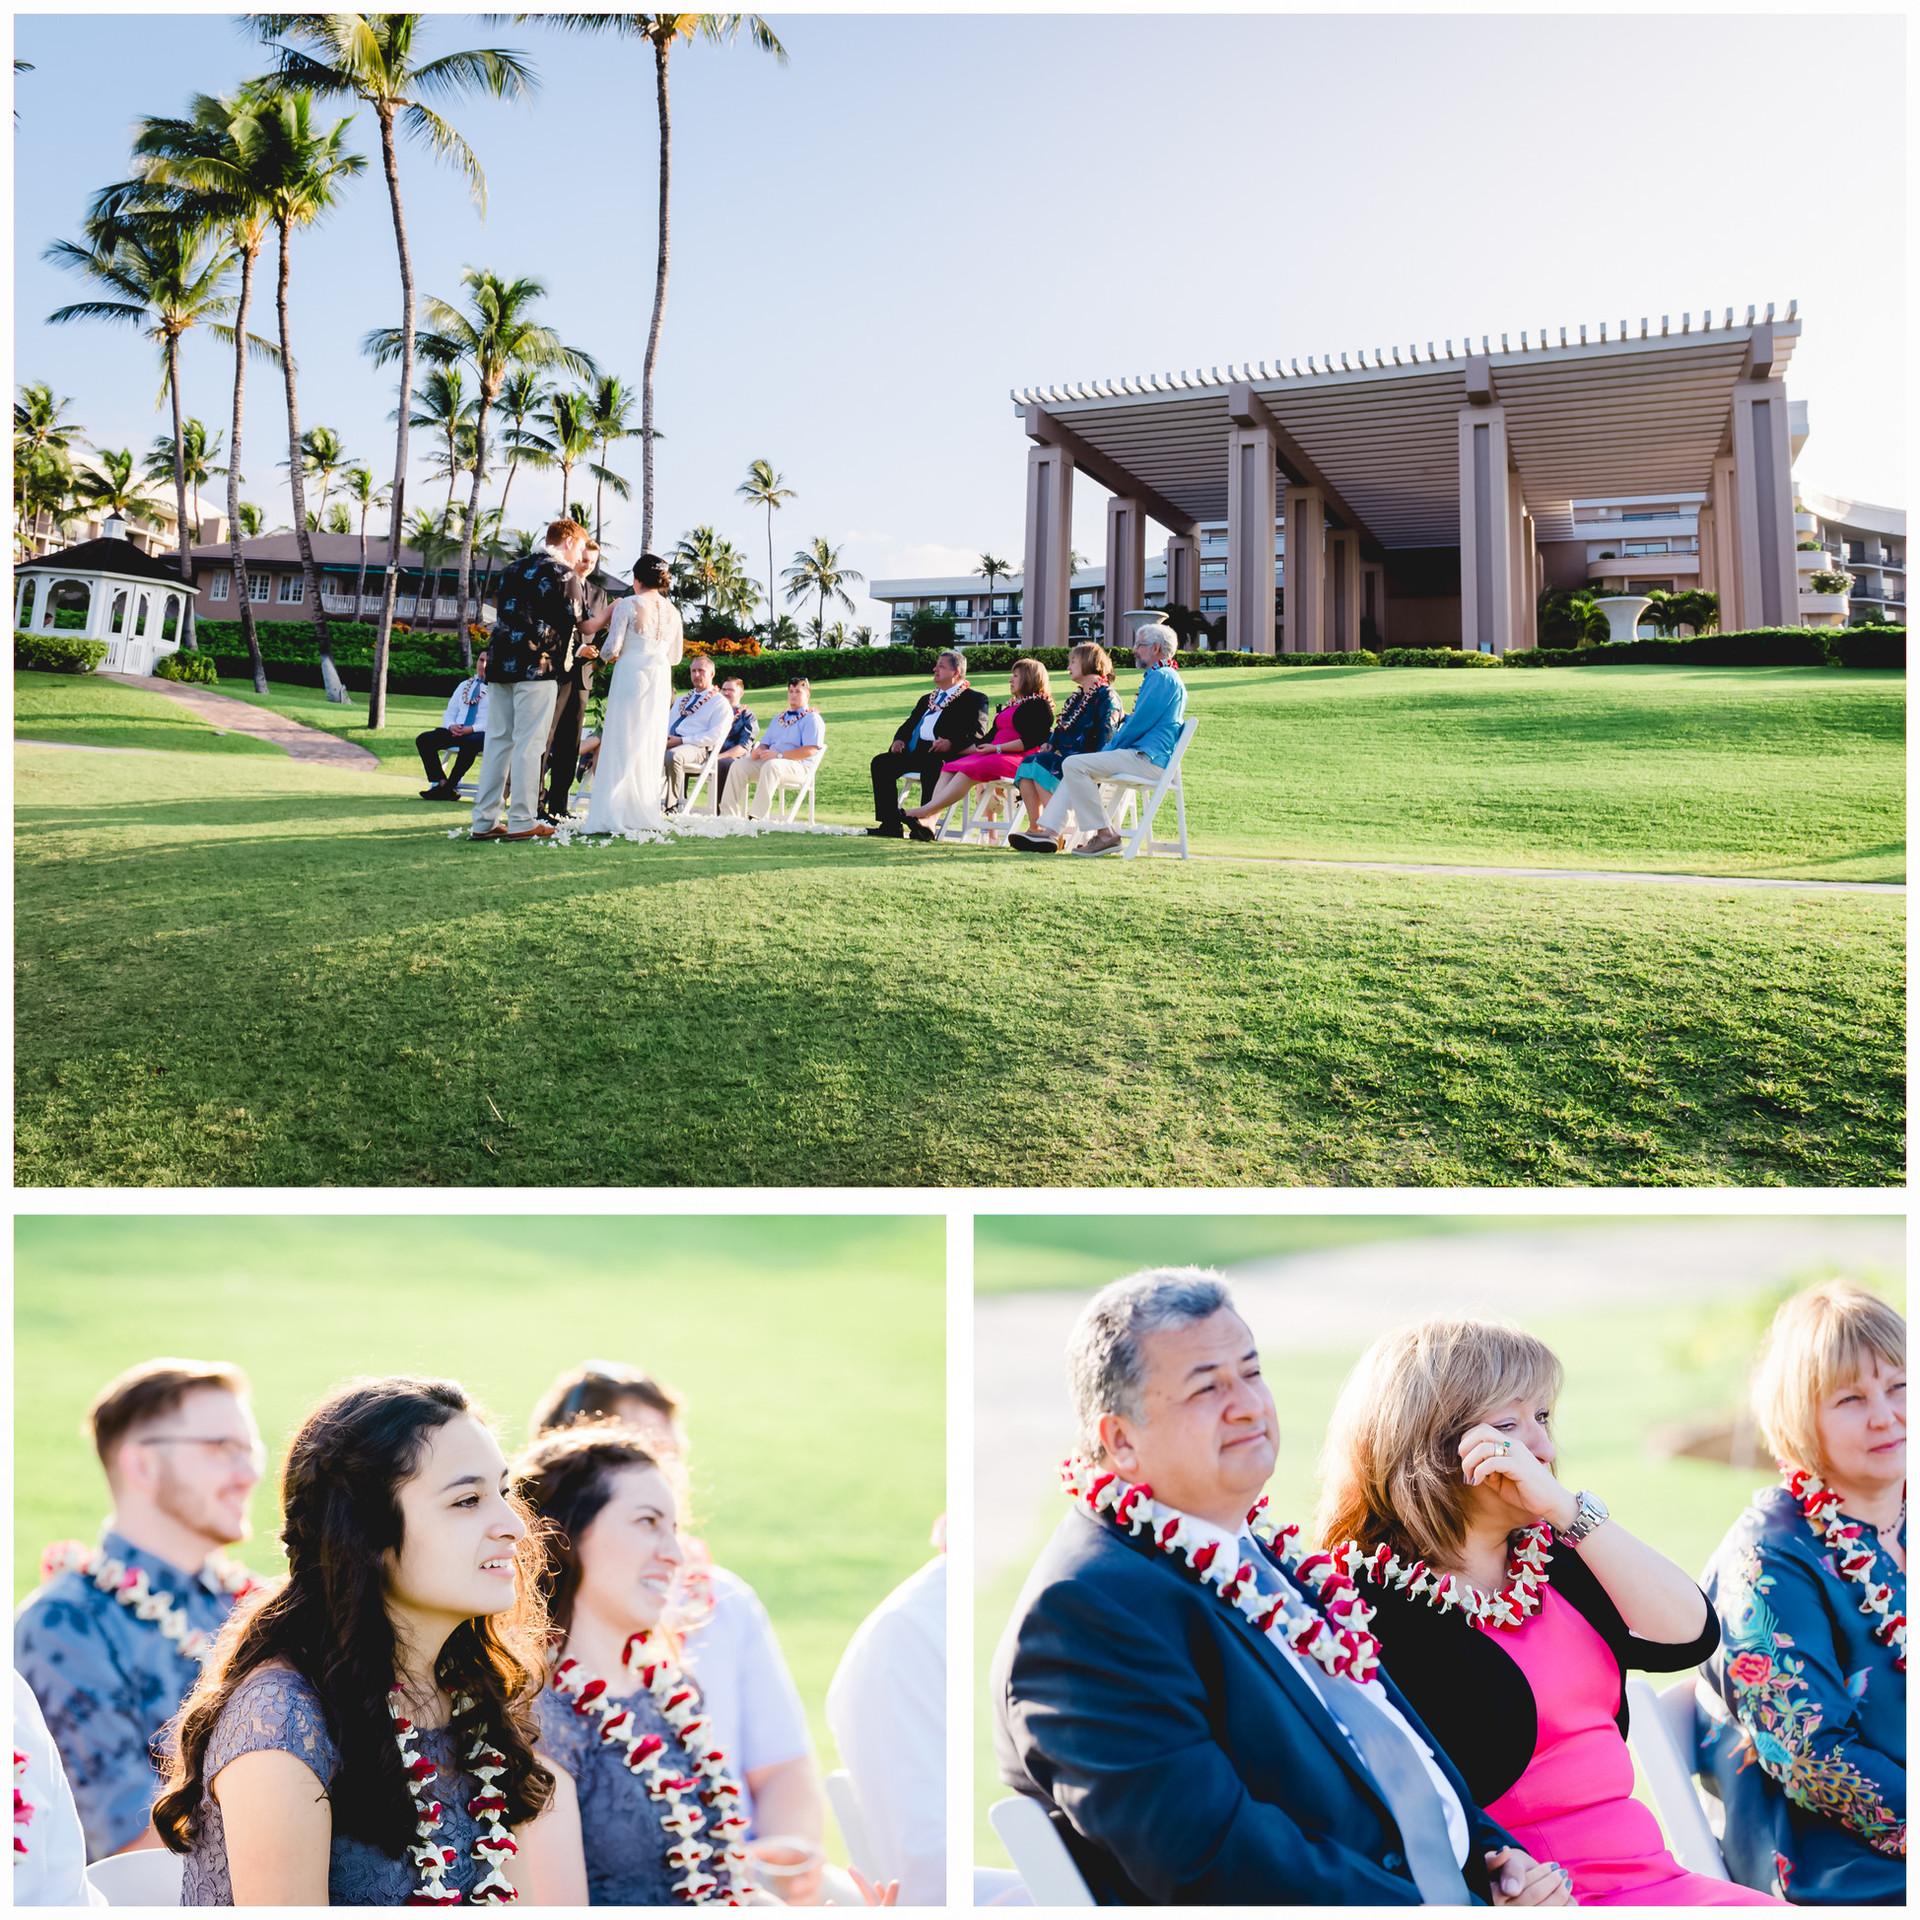 Hilton Hawaii Weddings 25.jpg